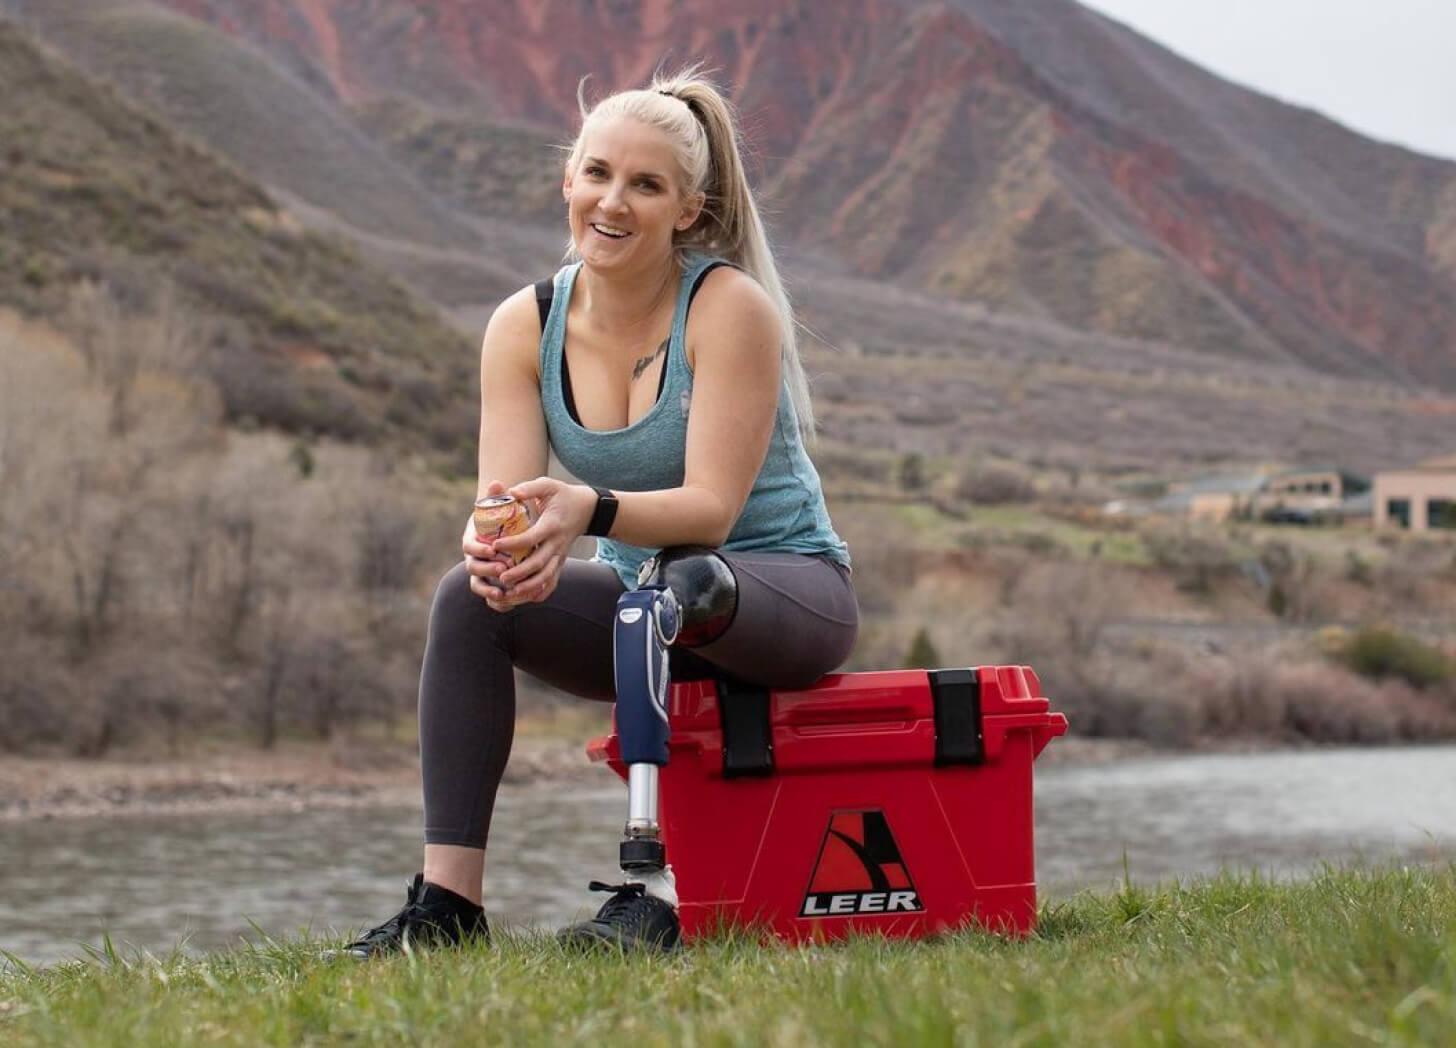 iFIT Trainer Kirstie Ennis running workout